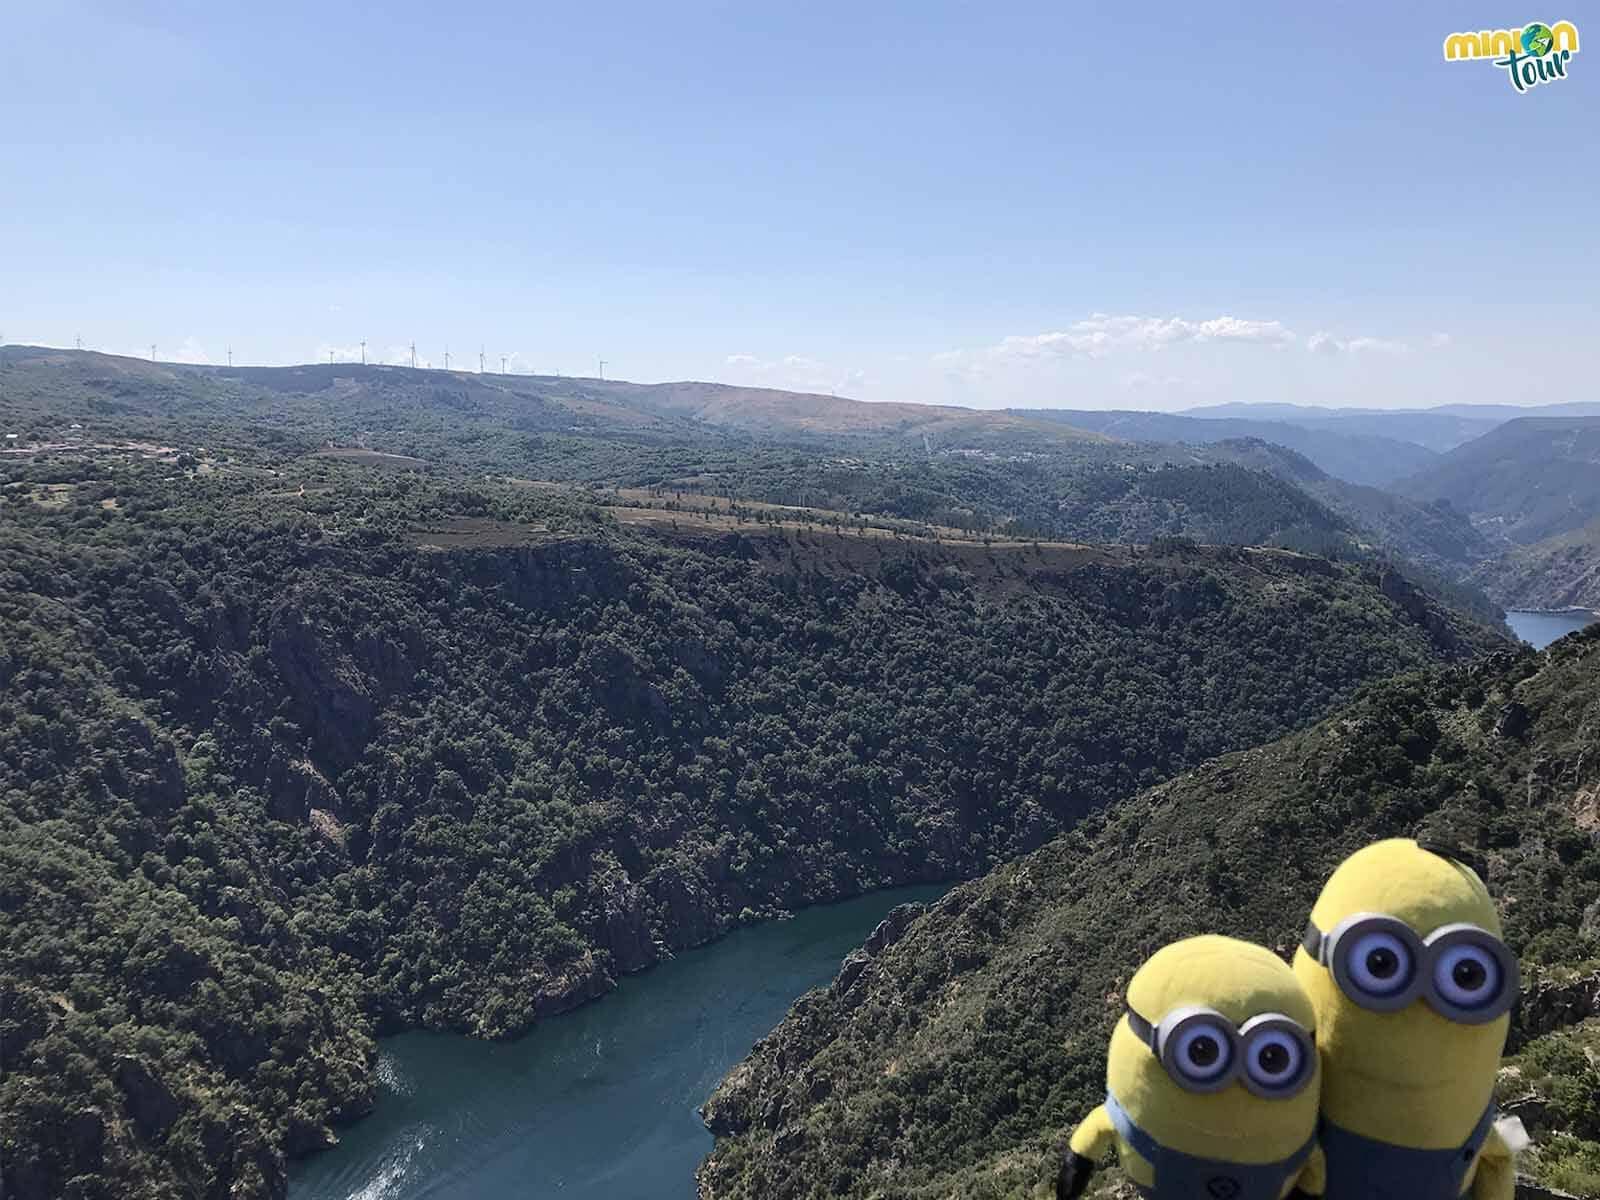 Vistas del Mirador de A Cividade en los Cañones del Sil de la Ribeira Sacra de Lugo